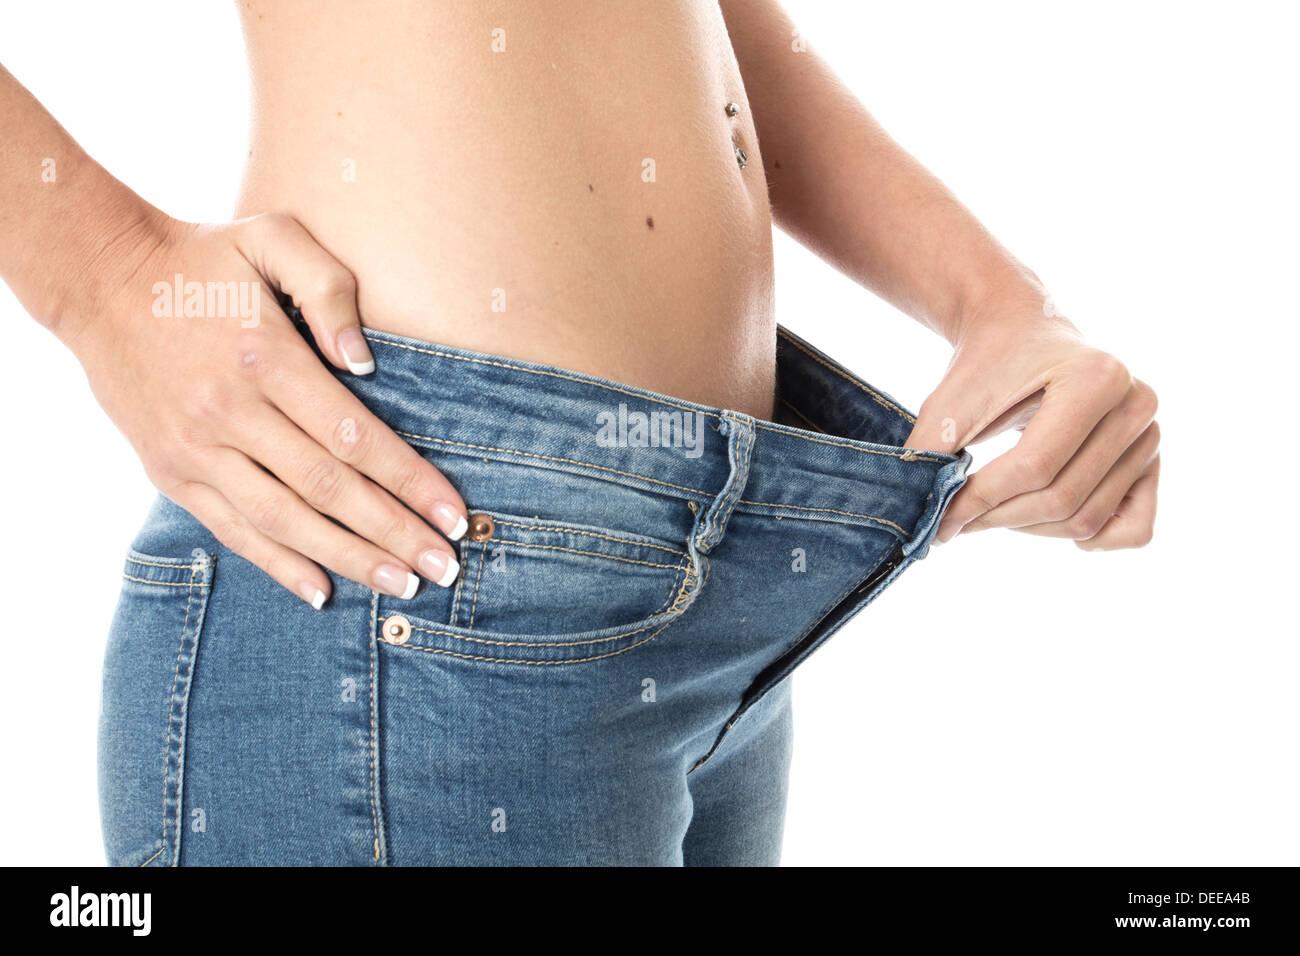 -Modell veröffentlicht. Attraktive junge Frau mit Gewichtsverlust Stockbild